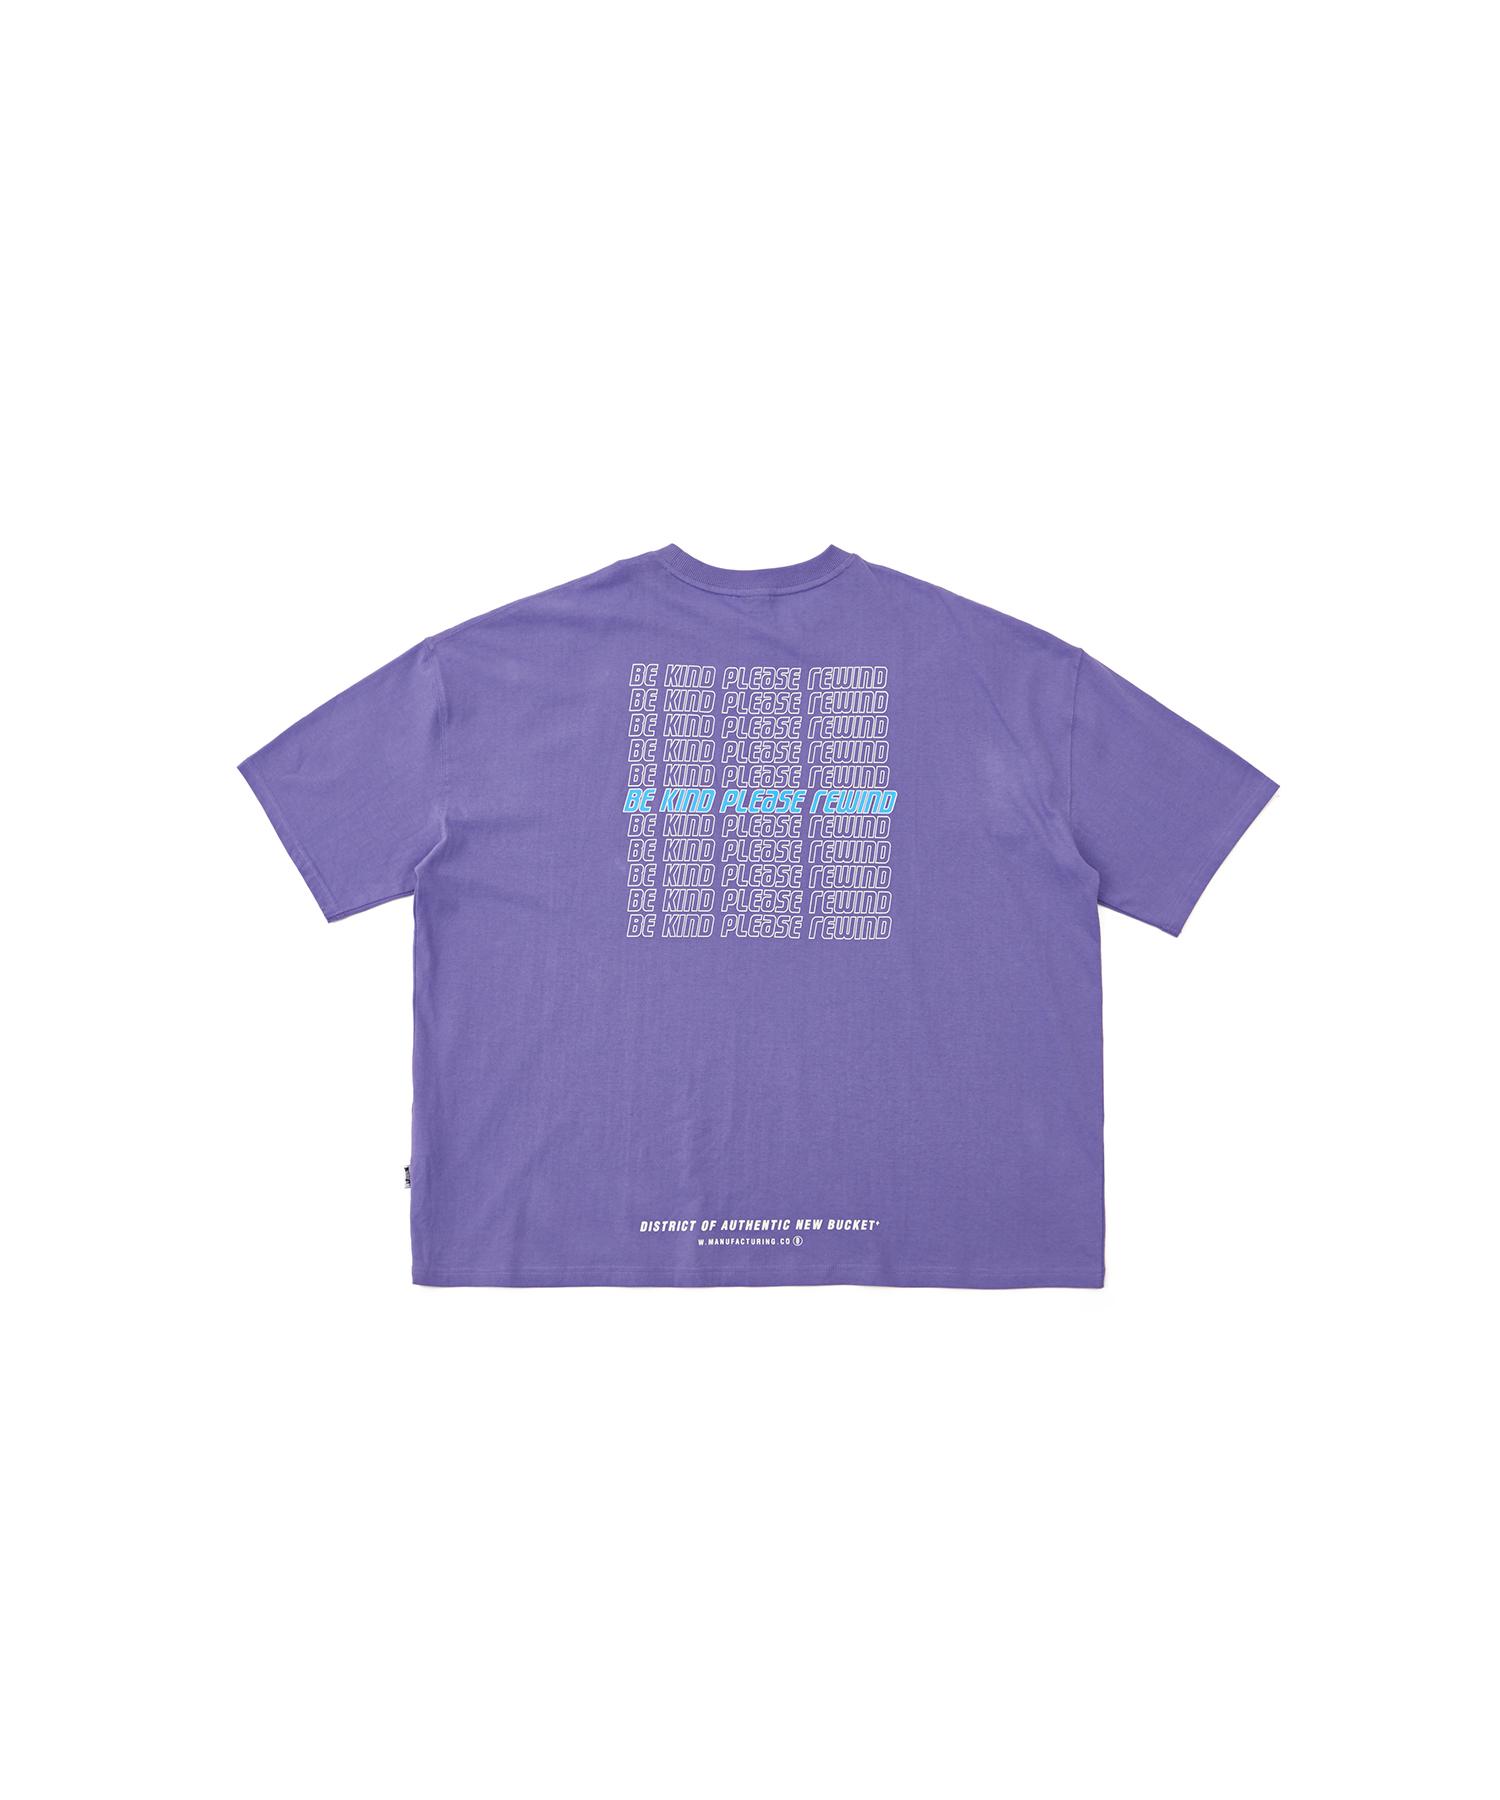 버켓 레이어 그래픽 반팔 티셔츠